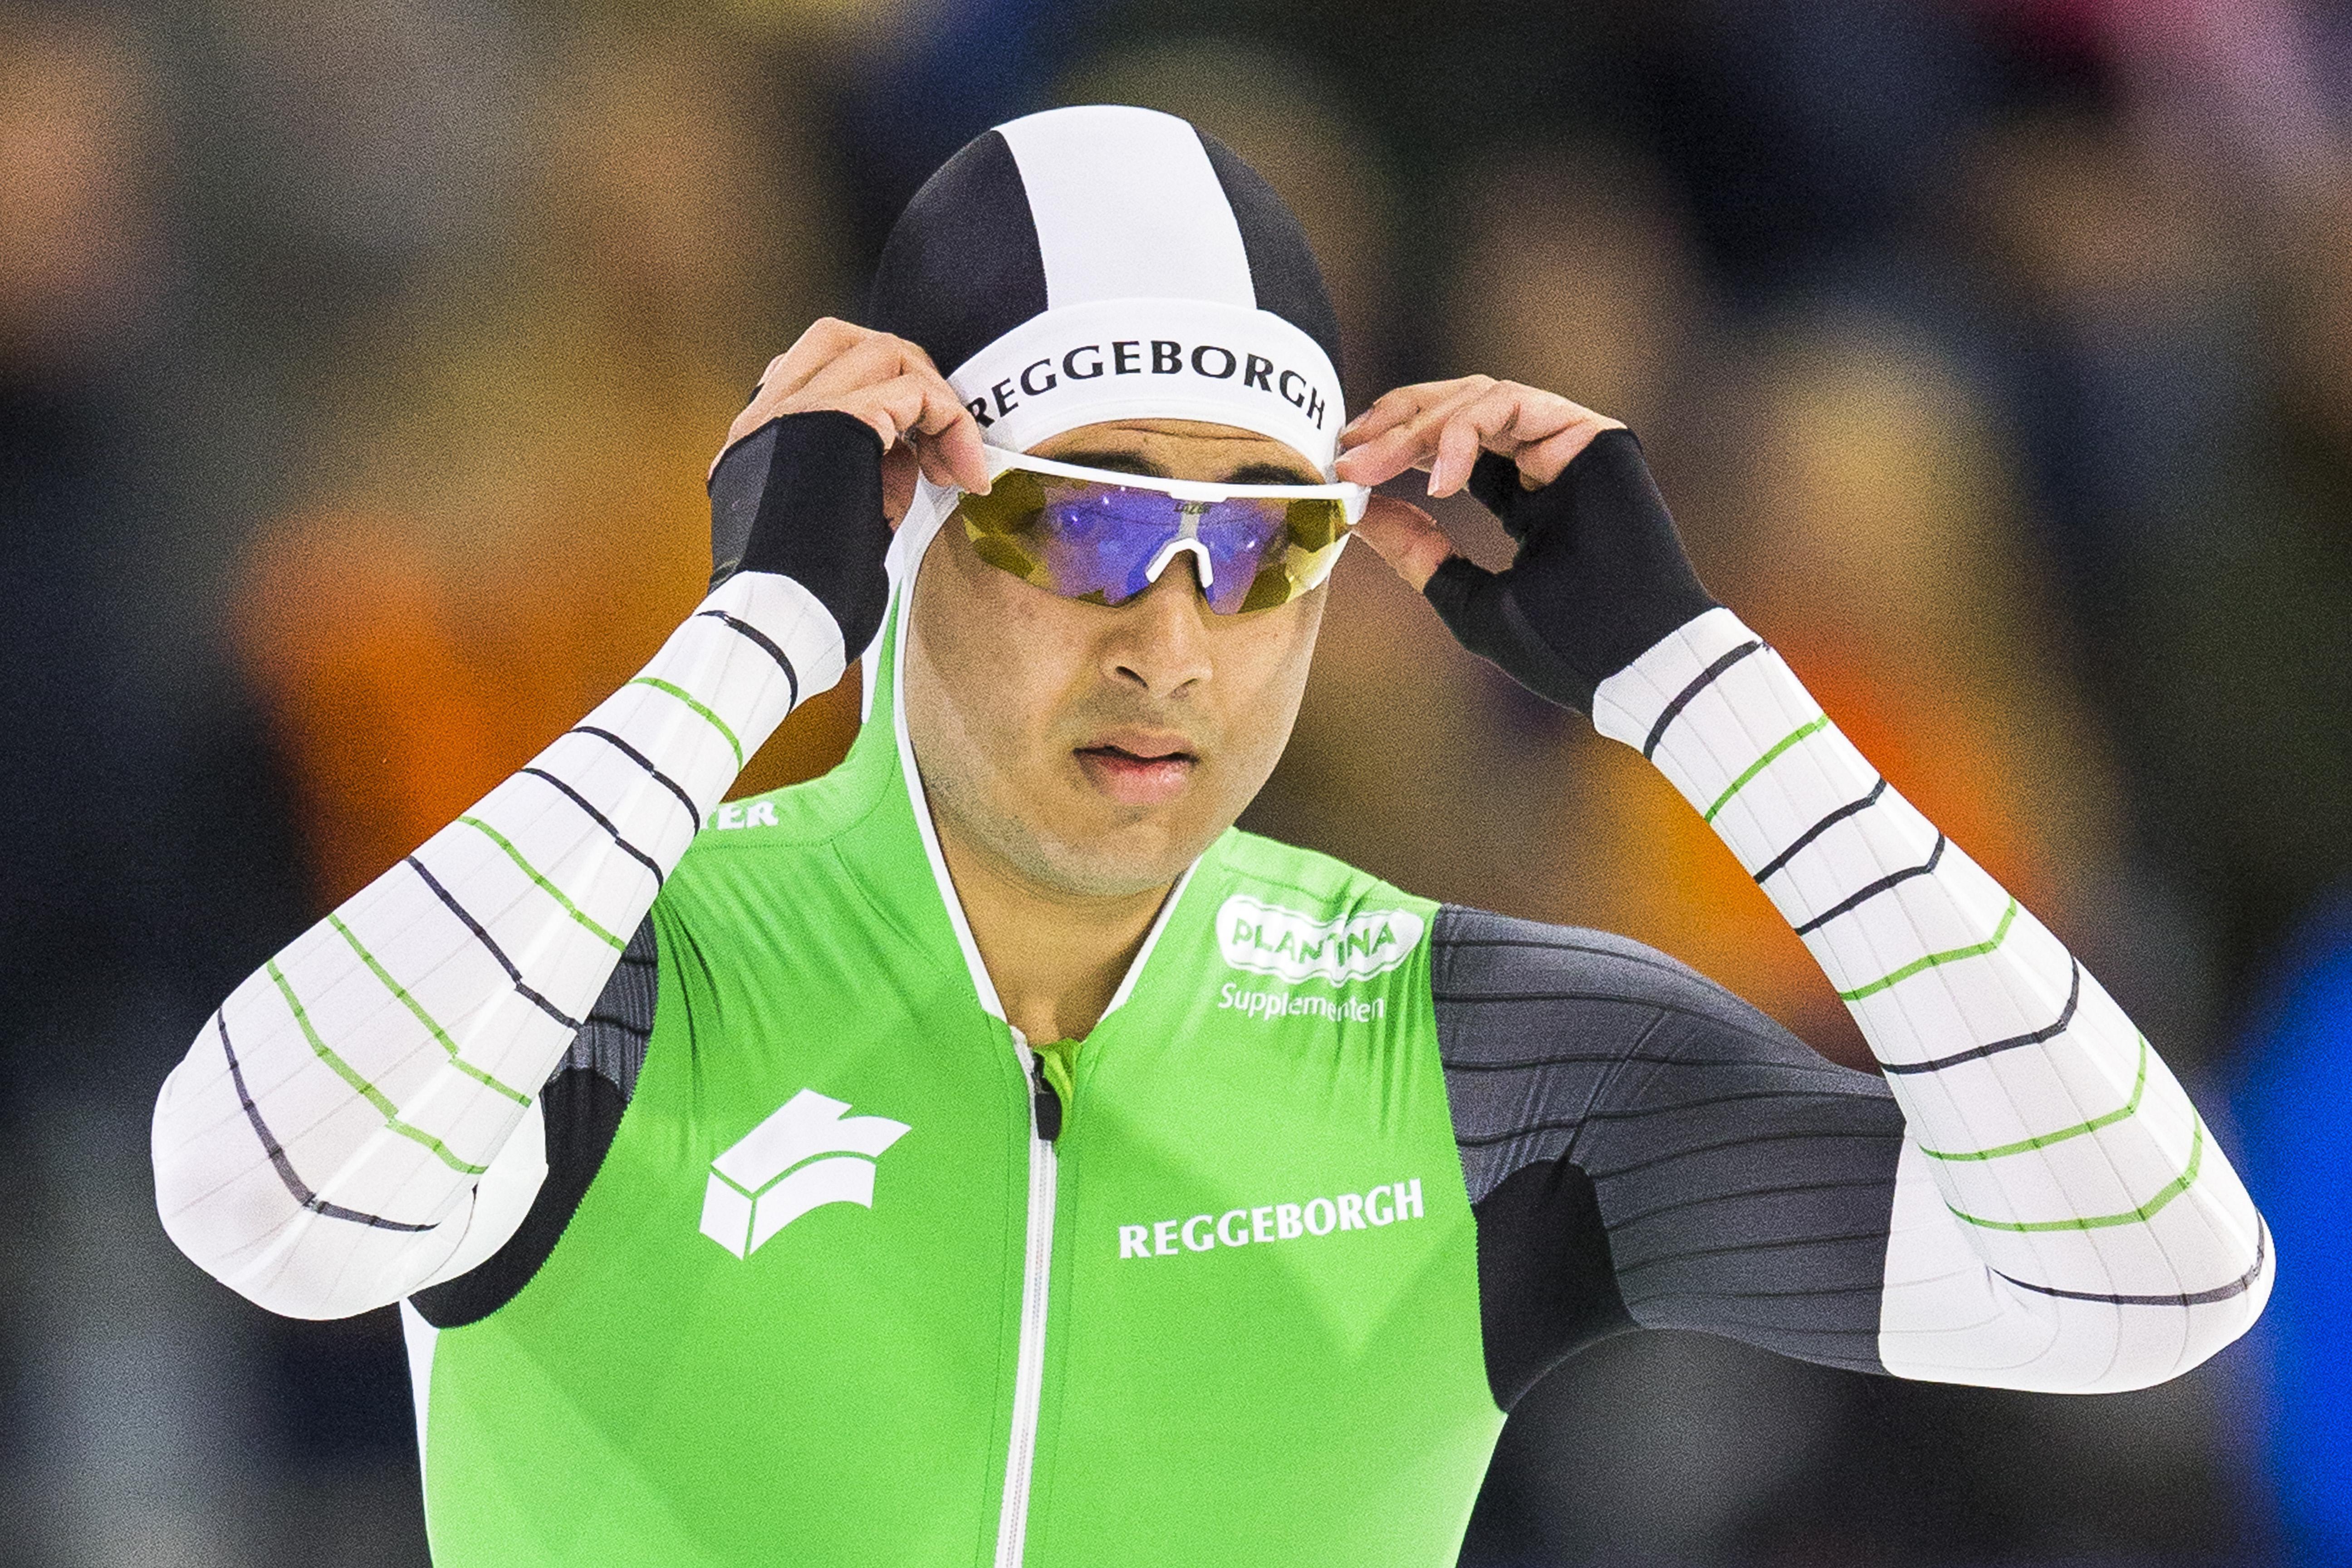 Verbij wint 500 meter in Thialf